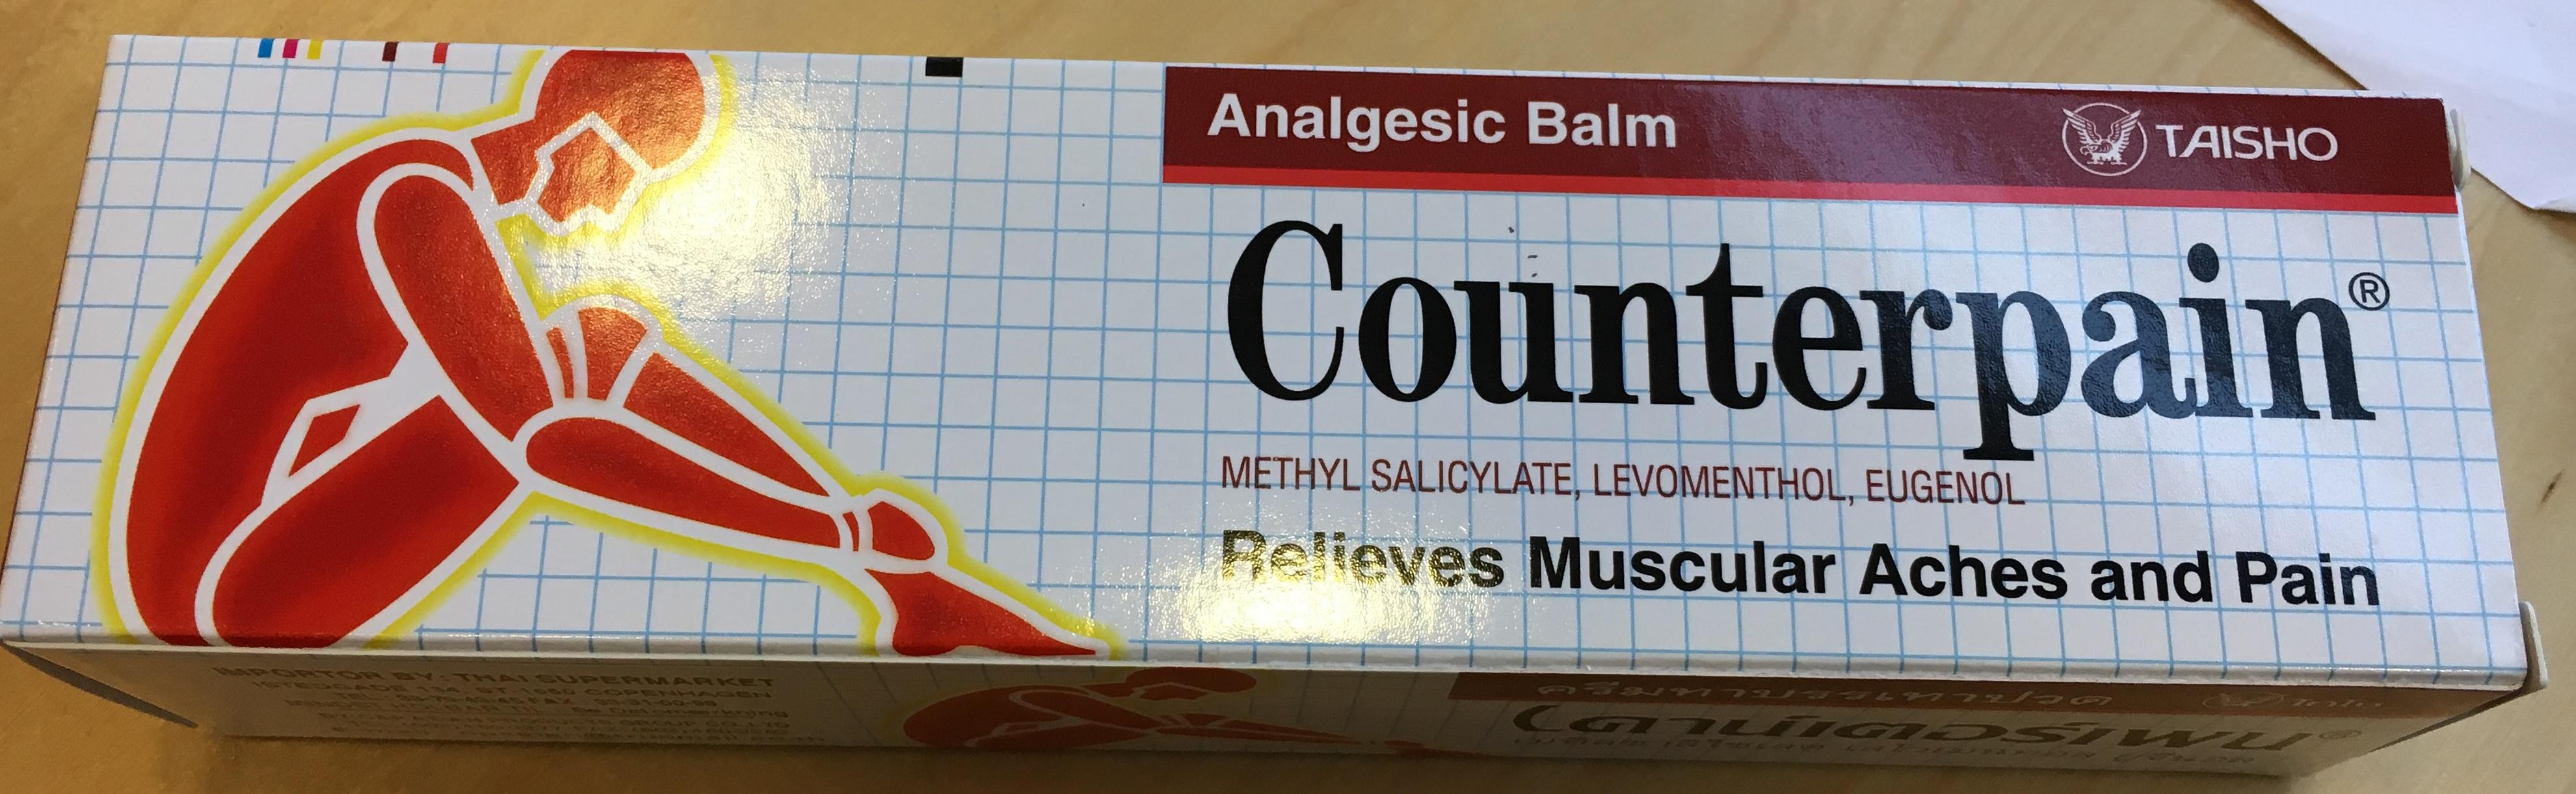 Billede af det ulovlige produkt: Counterpain Analgesic Balm